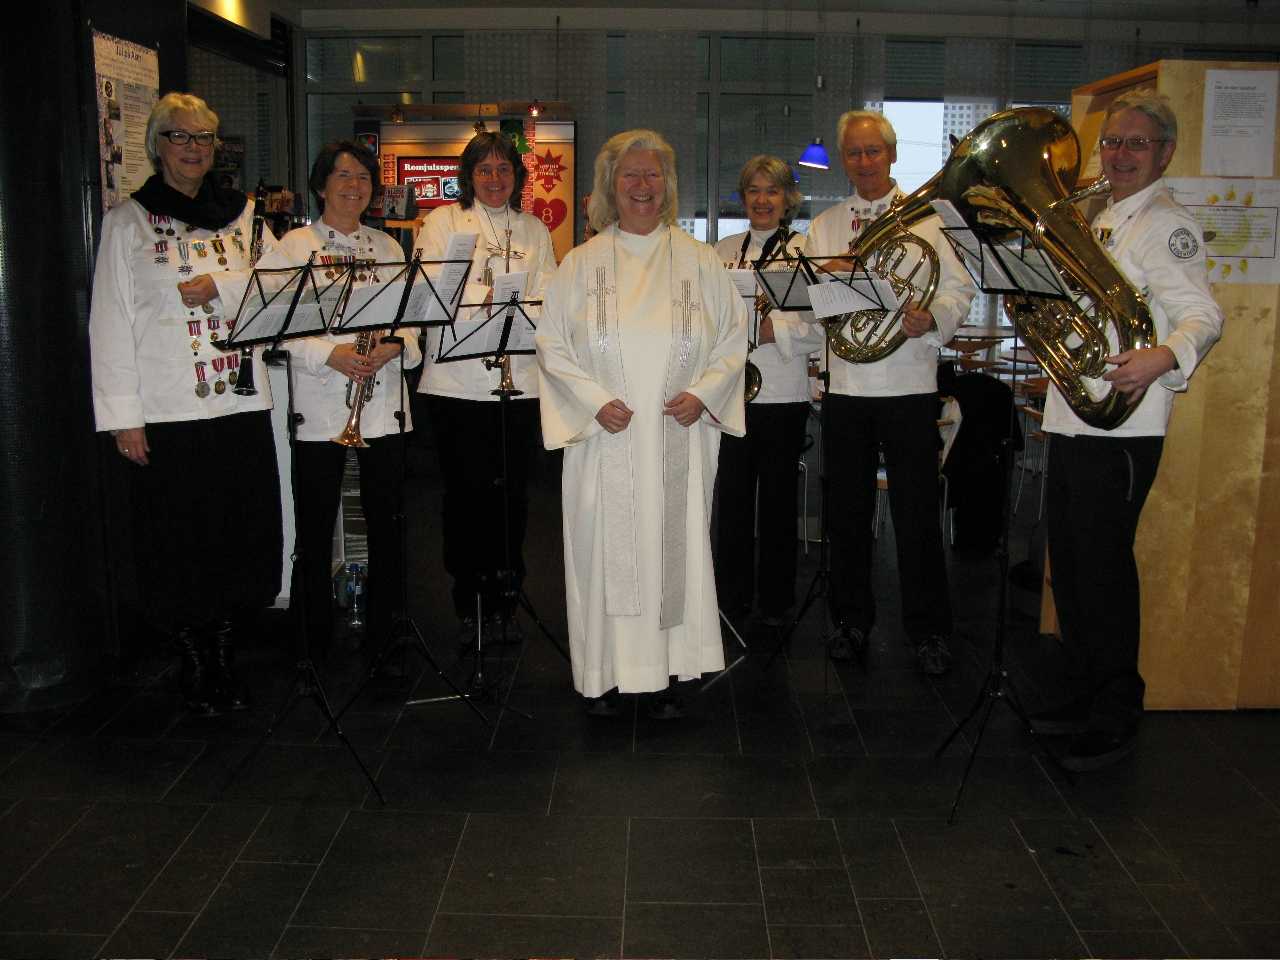 Julaften i 2009 spilte Bestum Finspill inn julen på Aker sykehus i Oslo, her fotografert sammen med sykehuspresten.